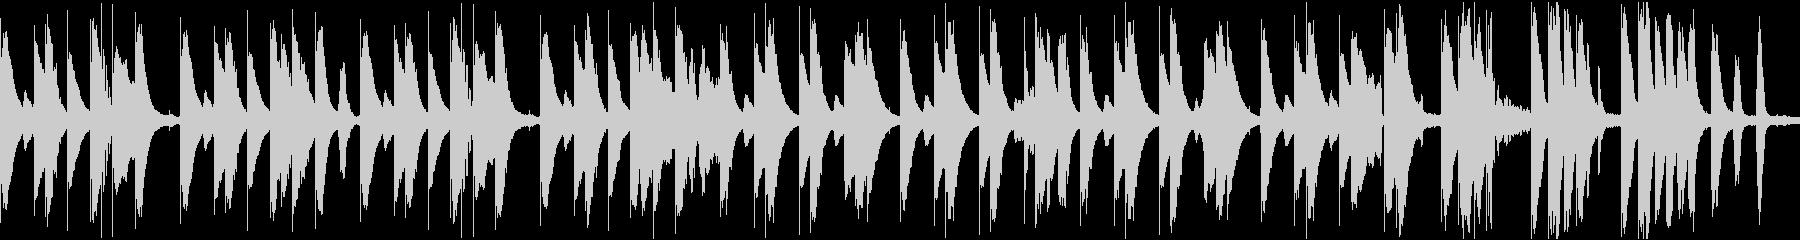 ほのぼのしたマリンバが印象的なBGMの未再生の波形